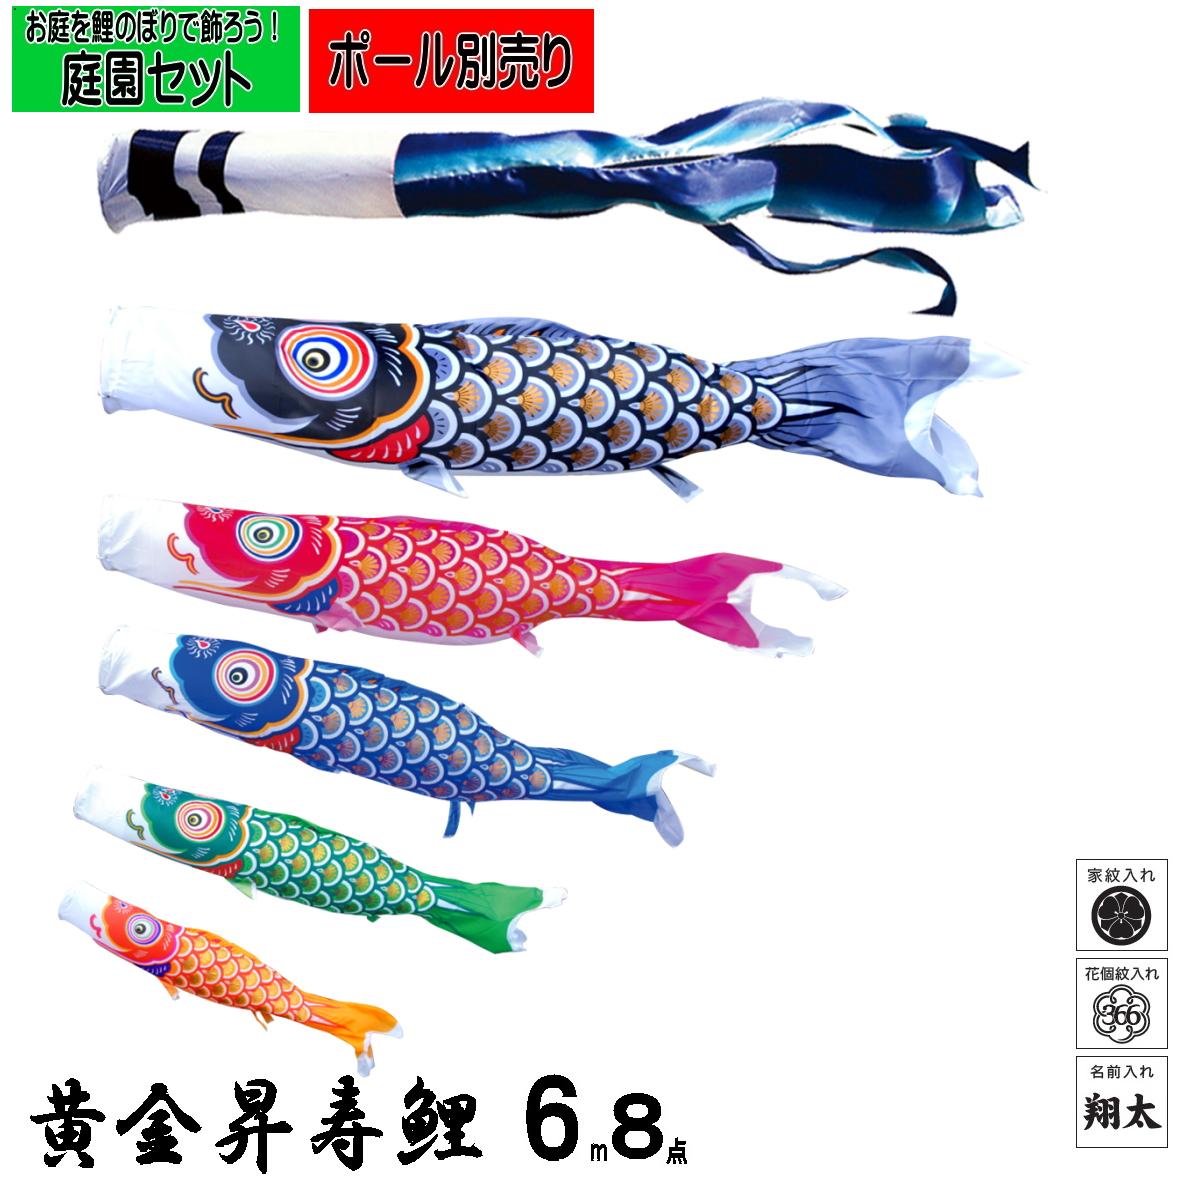 【子守唄CDプレゼント】庭園用 こいのぼり黄金昇寿鯉 6m8点セット鯉のぼり 鯉幟